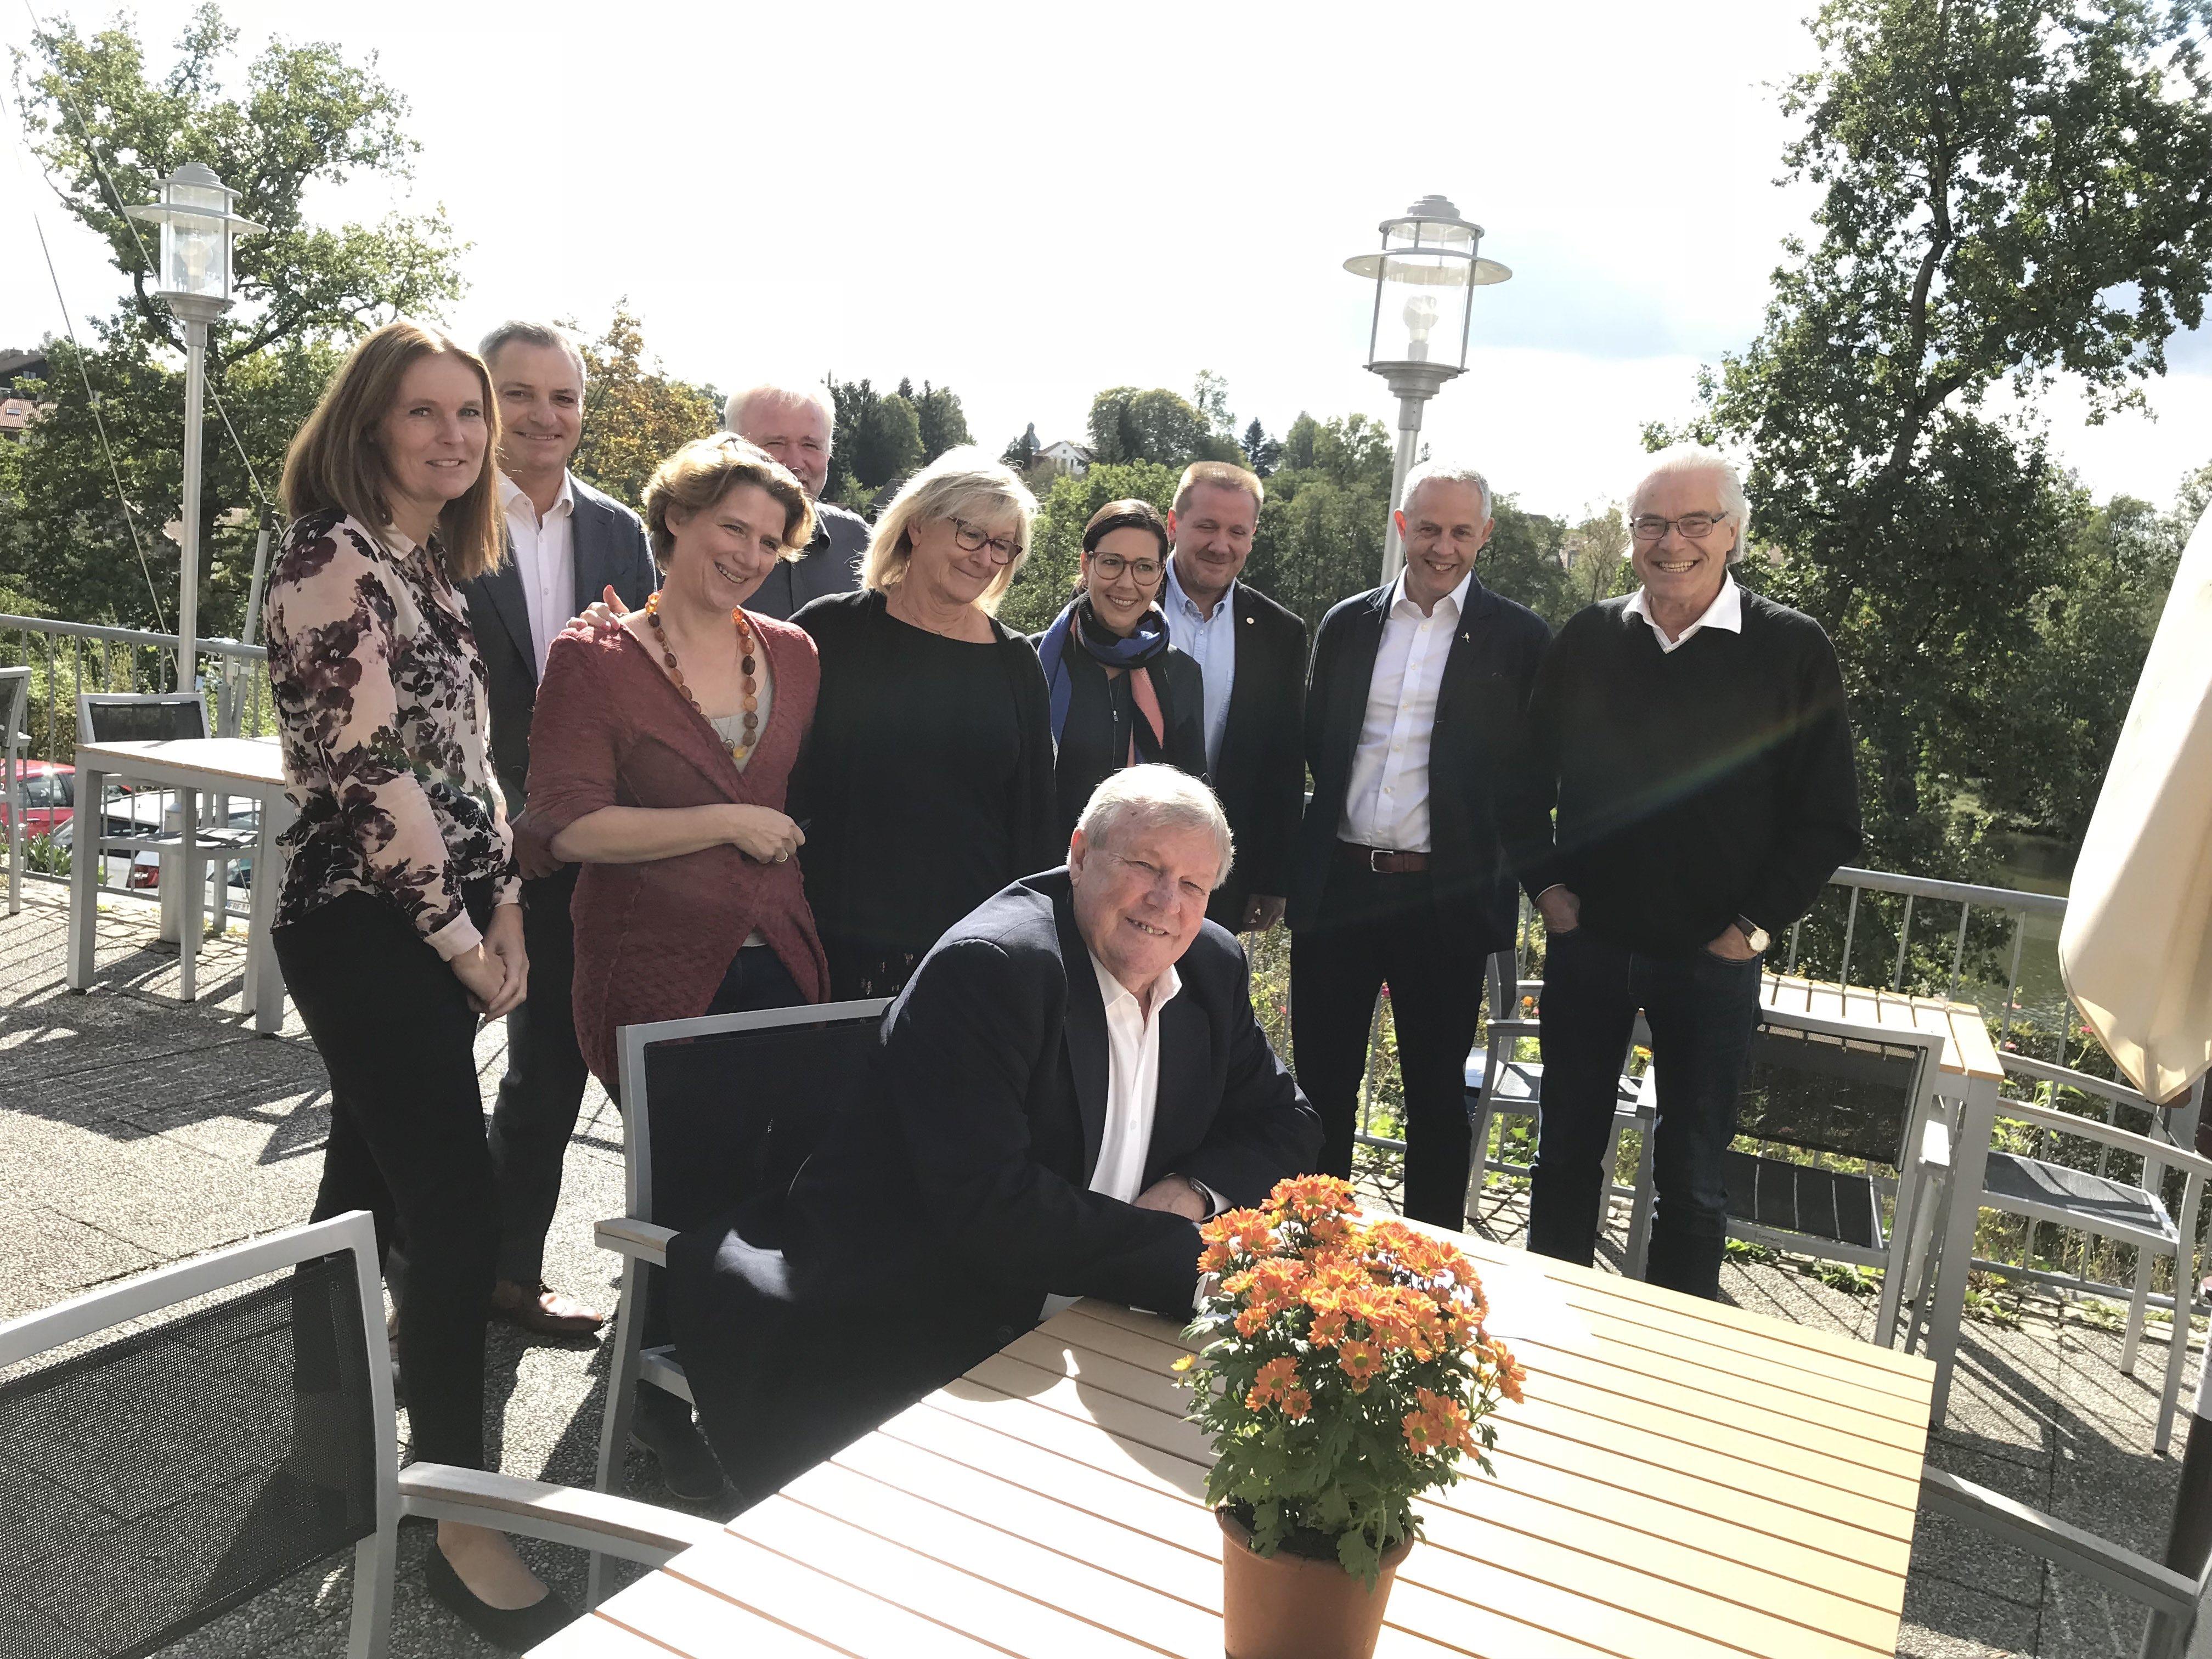 Paul Swaine, Business Development Manager hos Golden Chain, underskriver aftalen i selskab med repræsentanter fra de andre medlemskæder. (Foto: Small Danish Hotels/PR)